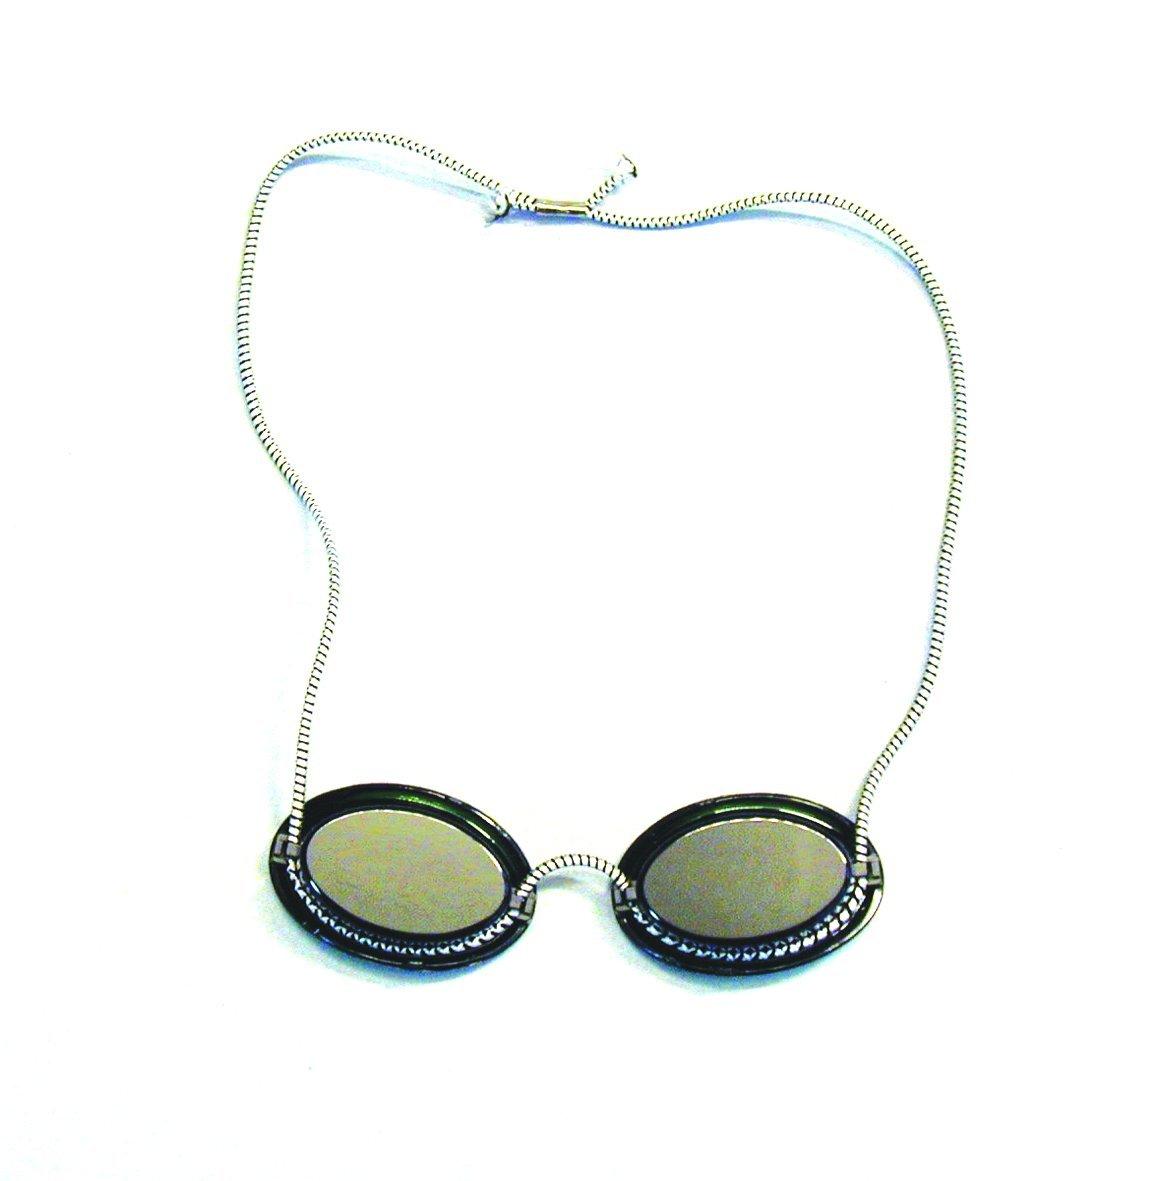 maspo Occhiali di protezione UV per sole Bank utilizzo Eos-Werke GmbH 2000.0966